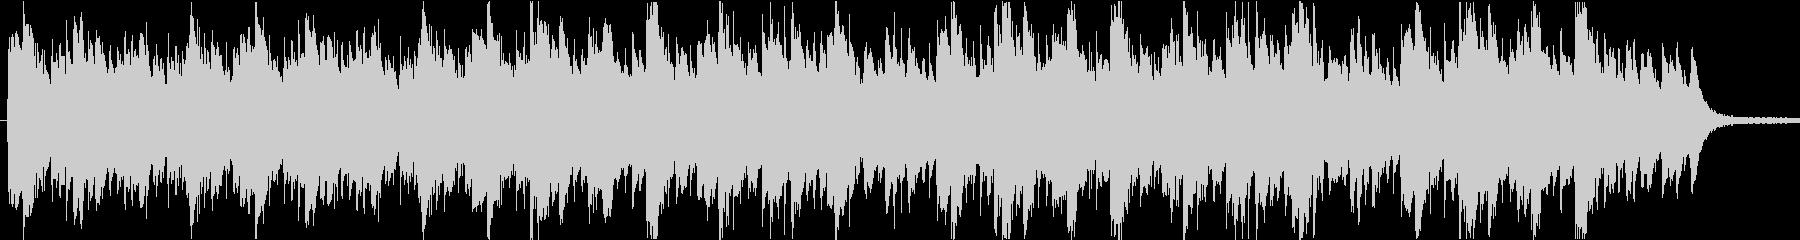 ほのぼのとしたアジアンBGMの未再生の波形